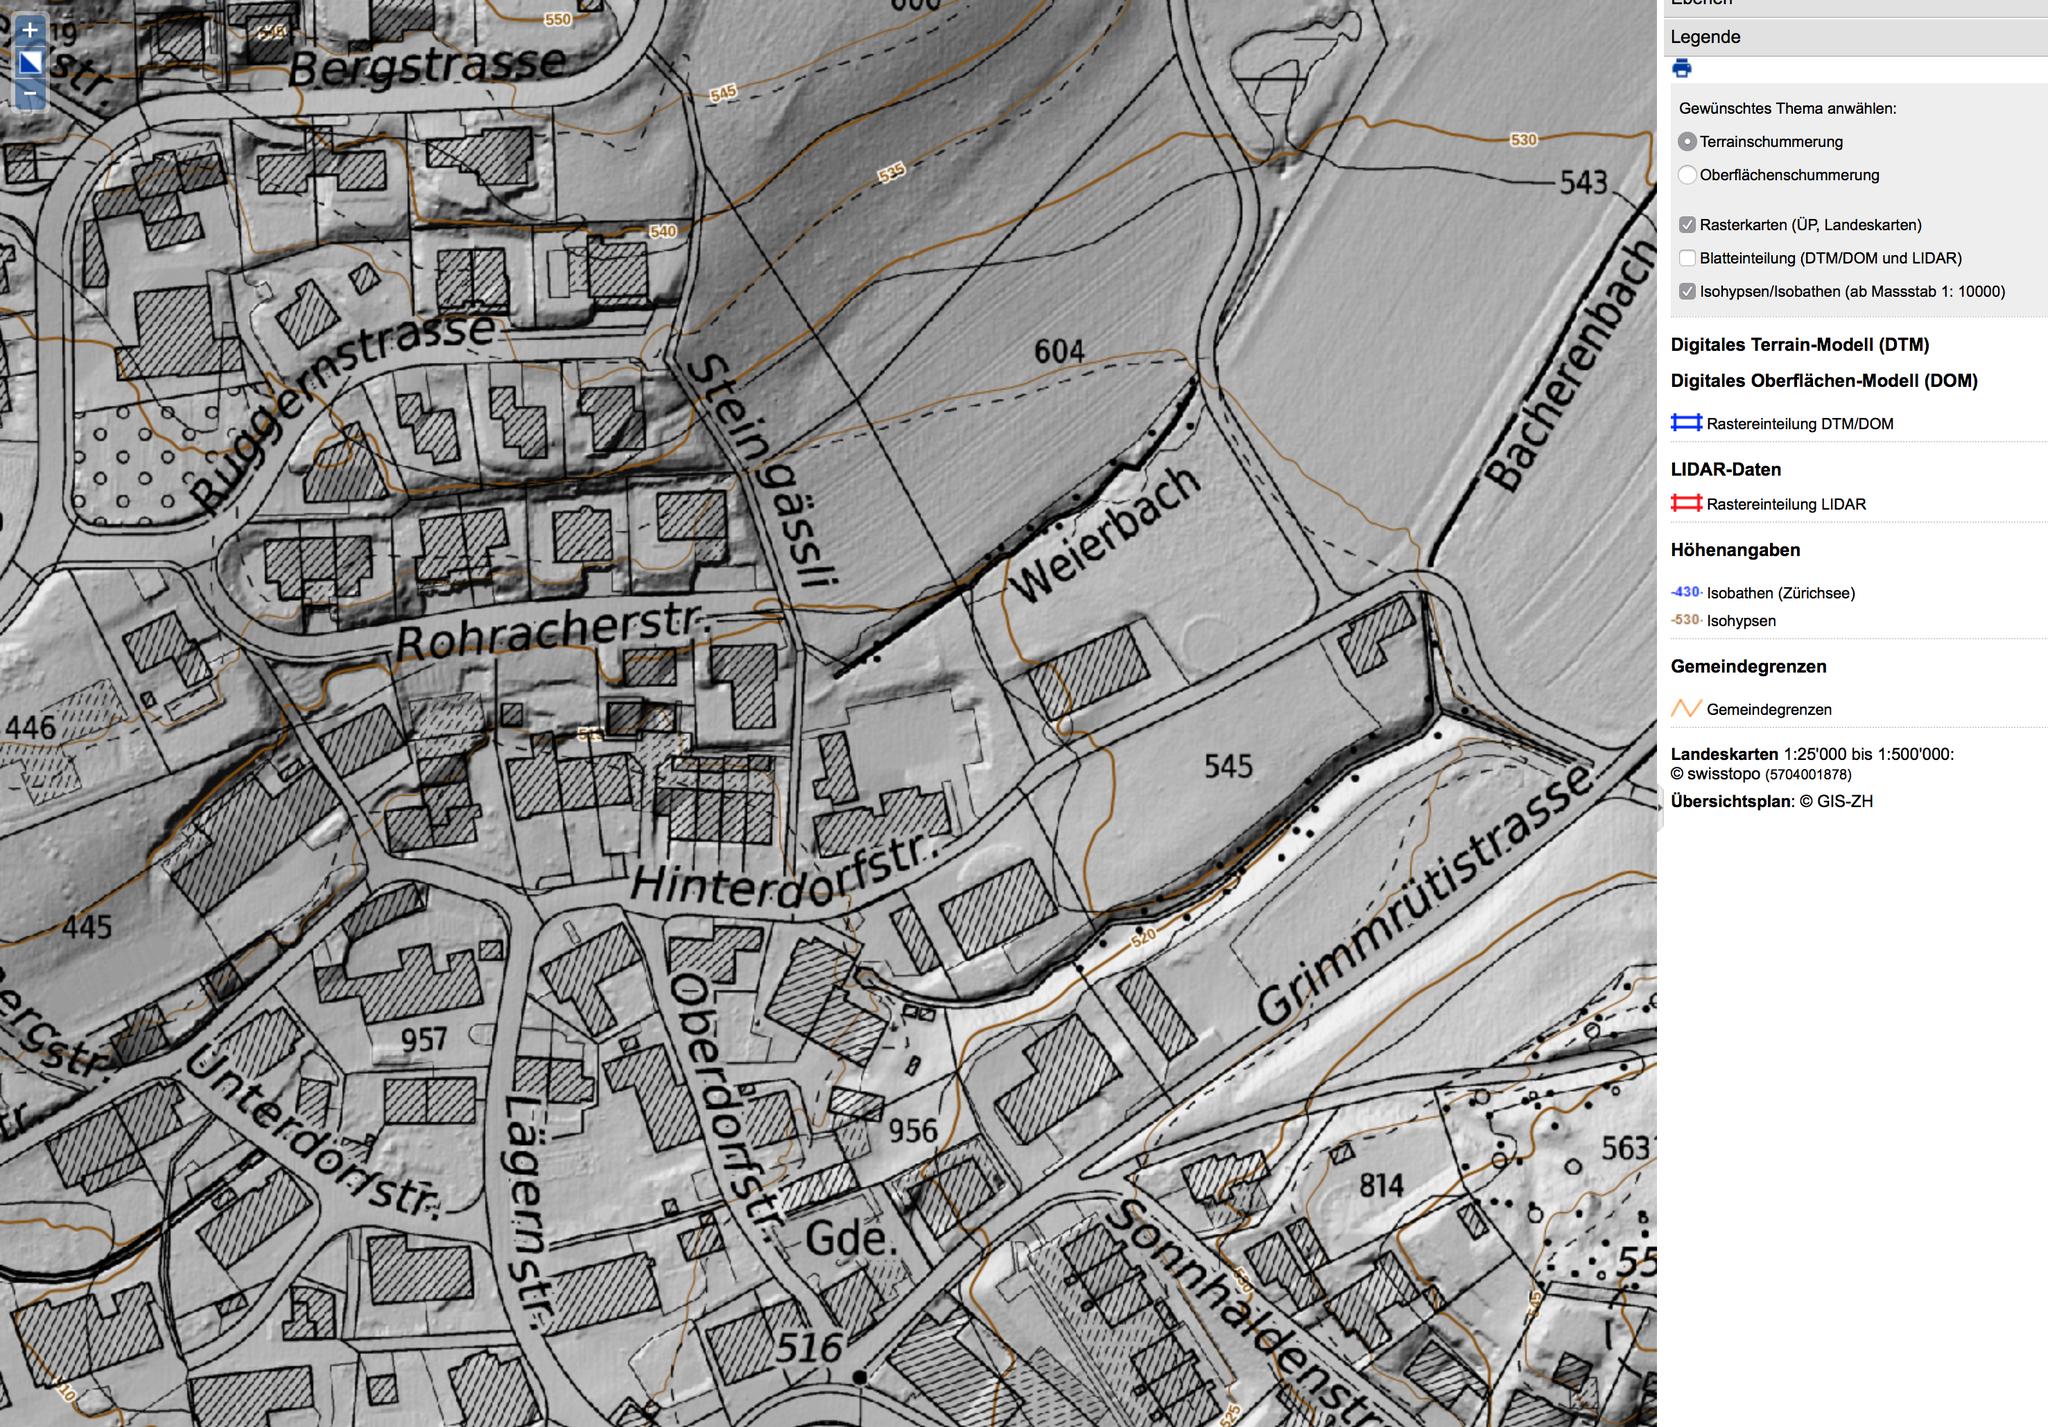 Digitales Höhenmodell::siehe die Vertiefungen im Dorf, z.B. Parkplatz Hinterdorf (ehem. Feuerwehrlokal)